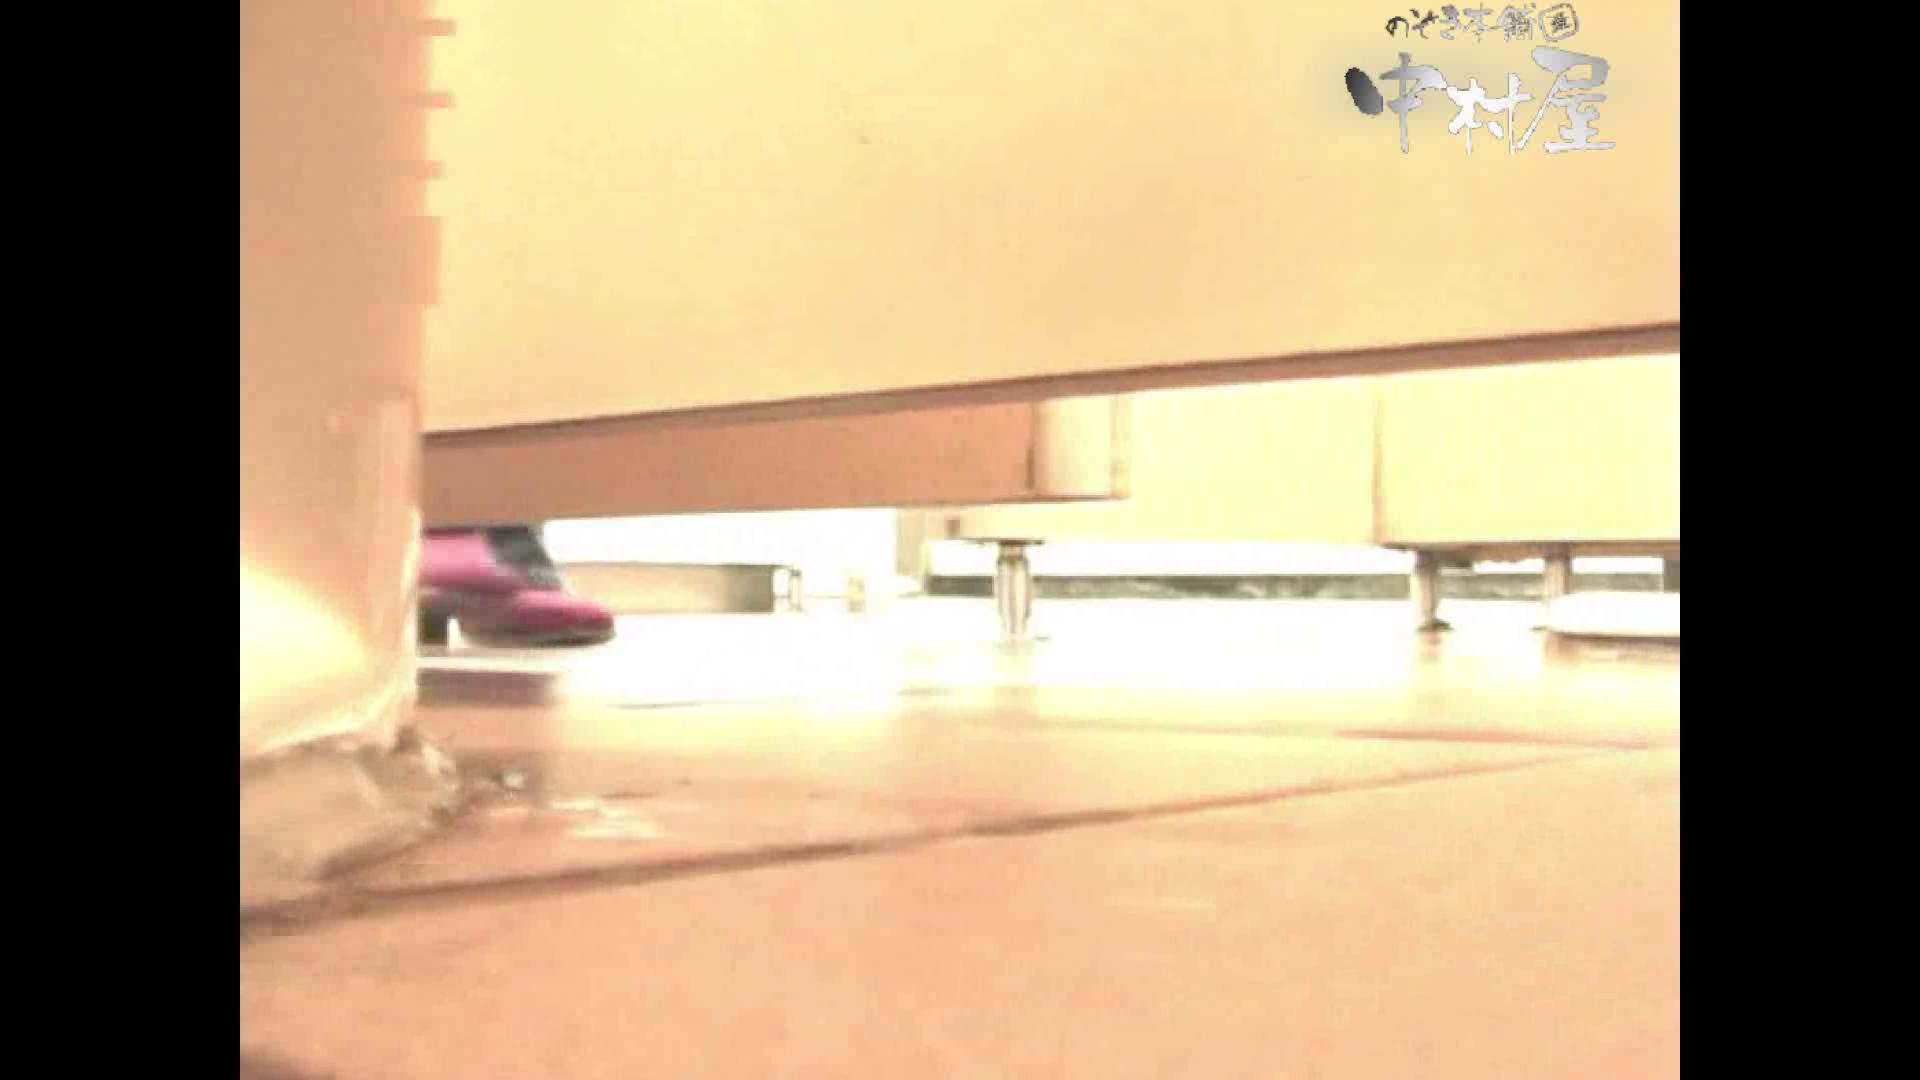 岩手県在住盗撮師盗撮記録vol.05 マンコ・ムレムレ | 肛門丸見え  77pic 43